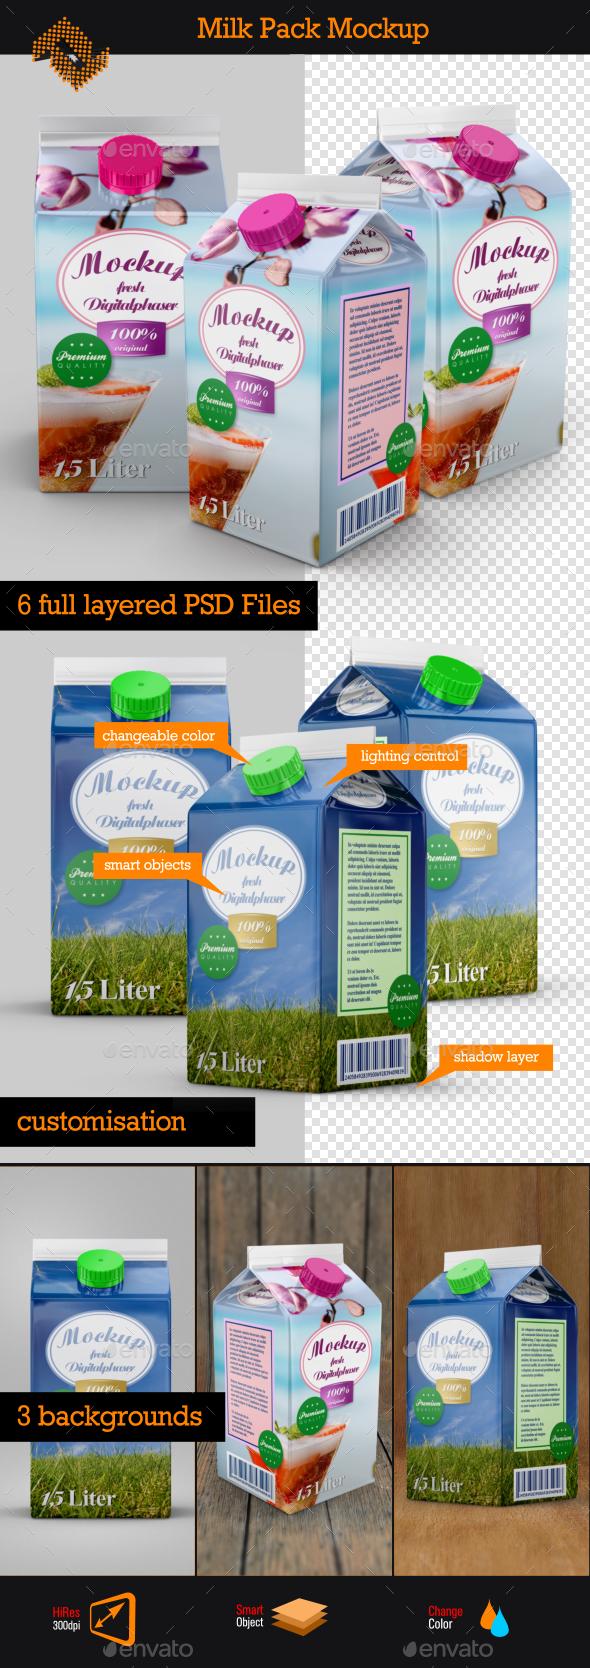 Milk Juice Pack Mockup - Food and Drink Packaging